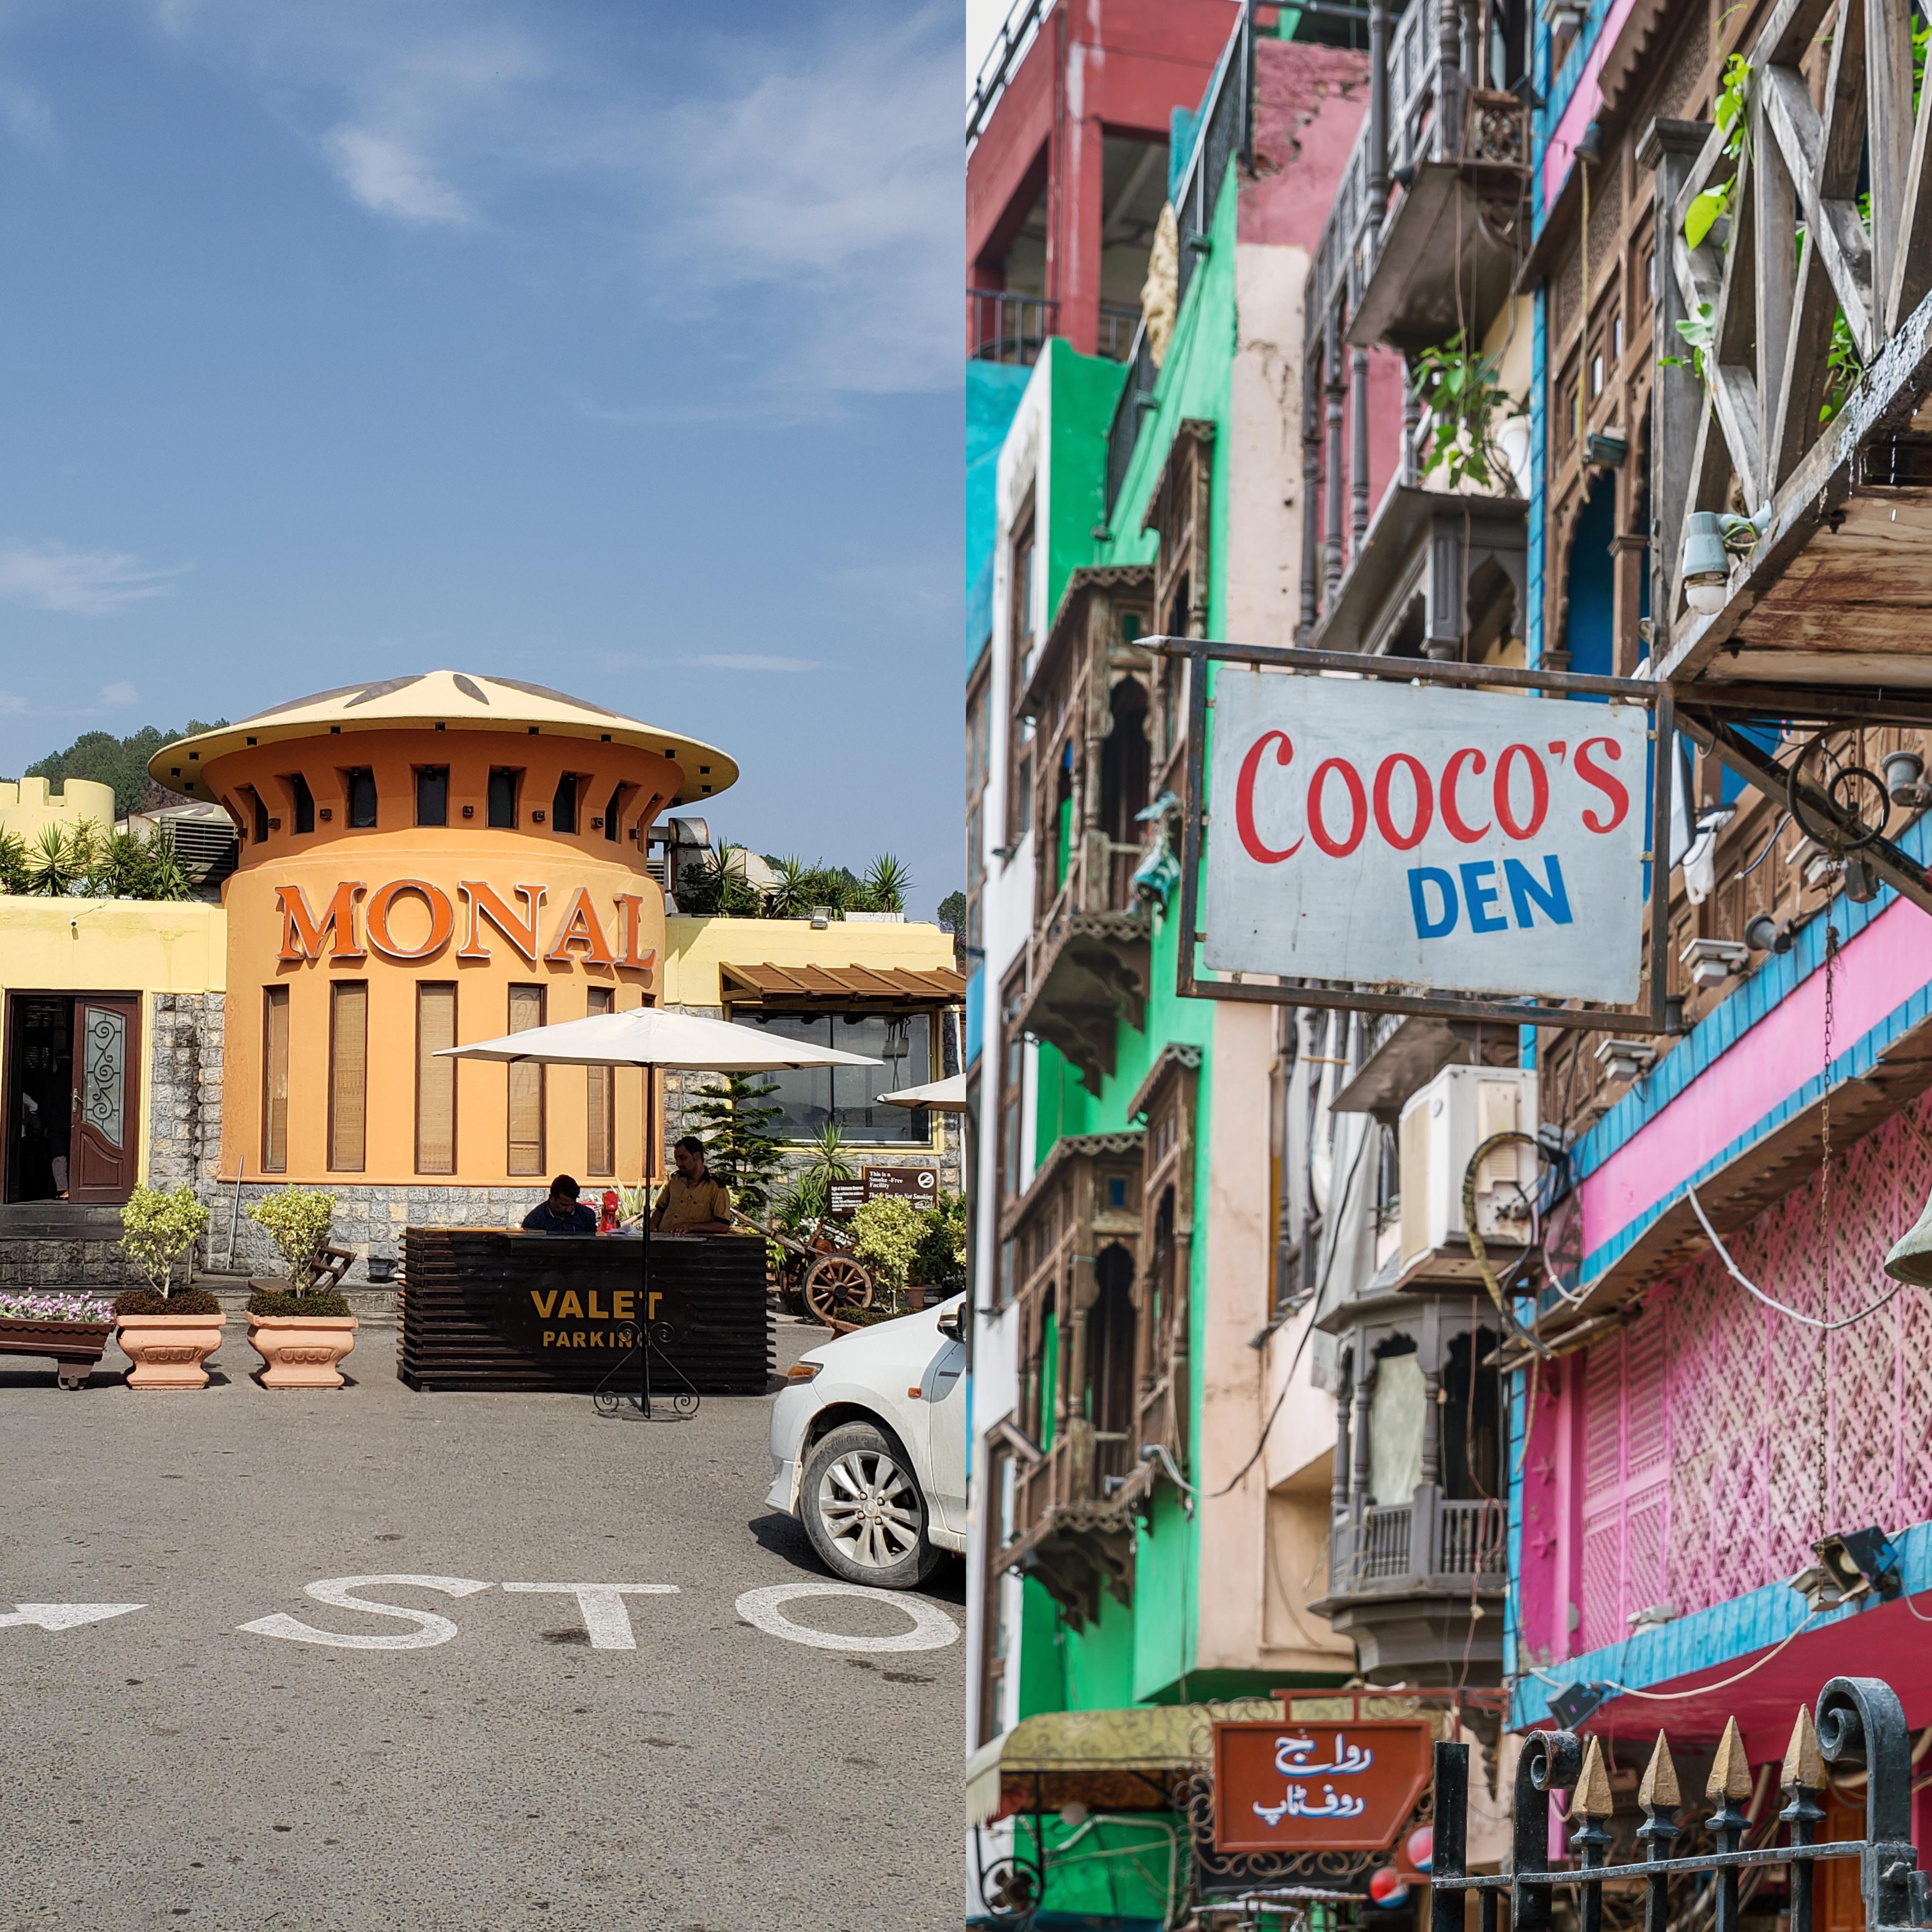 Monal & Cooco's Den